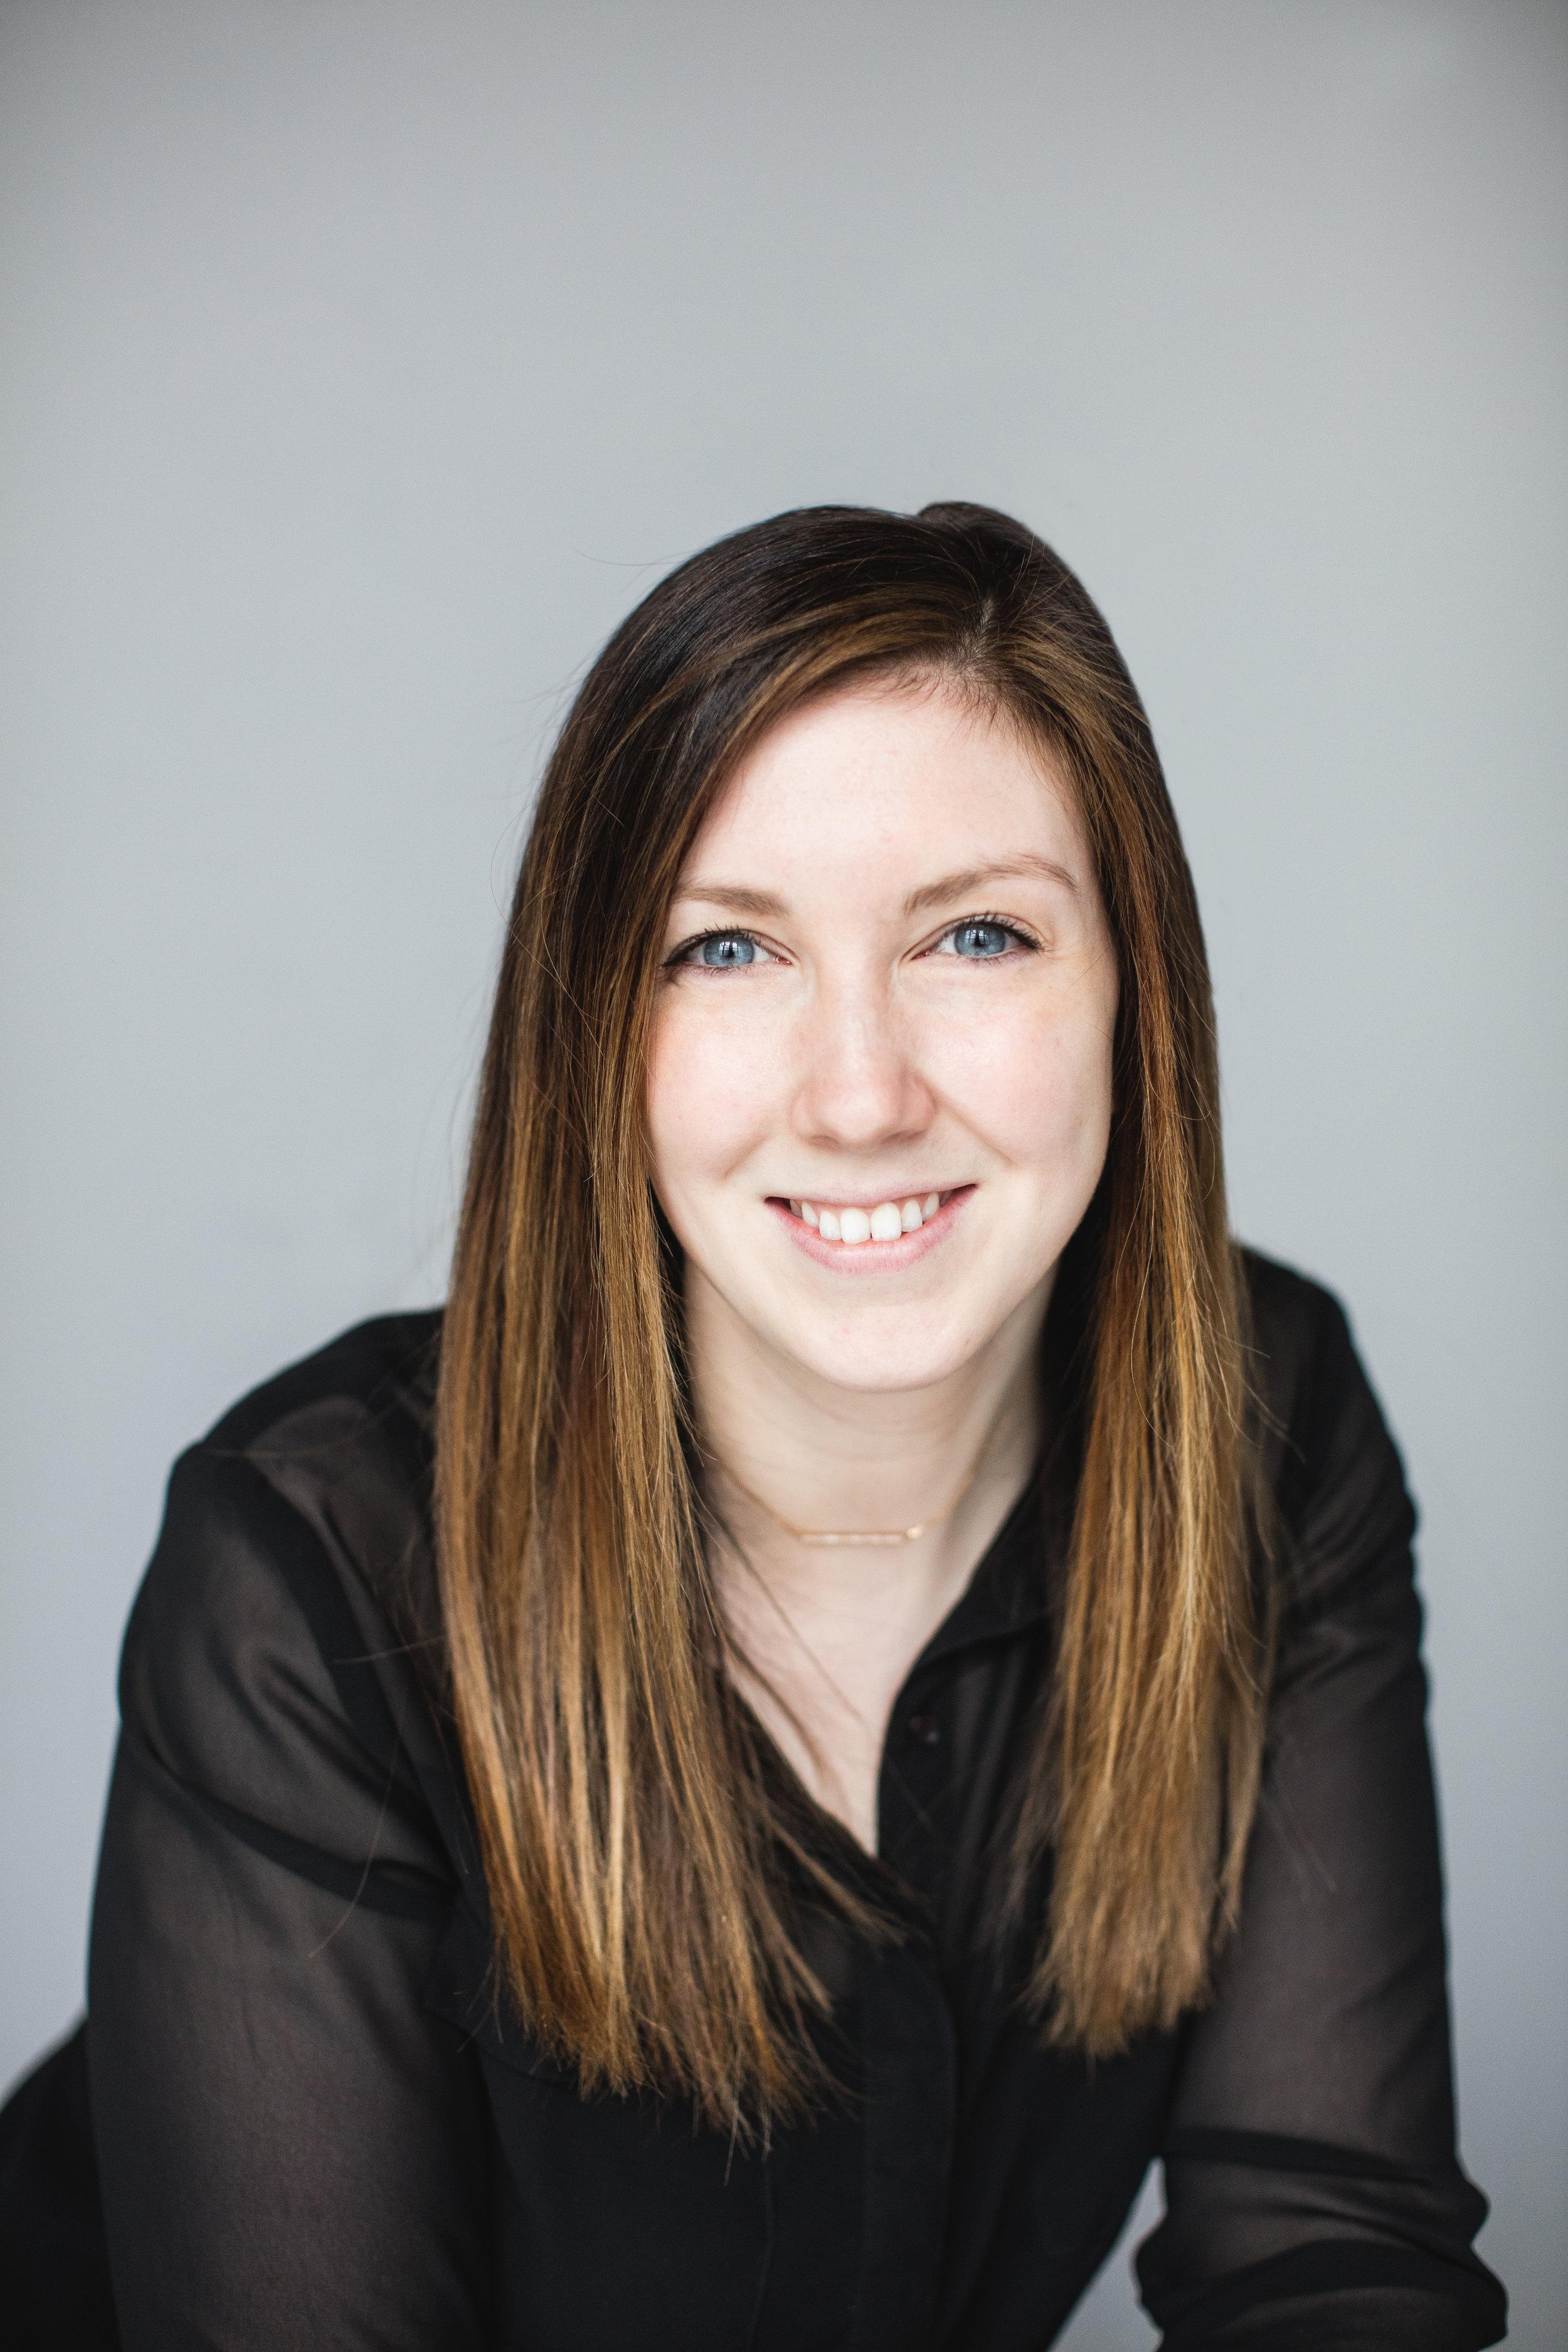 Katie McGarrigle '08